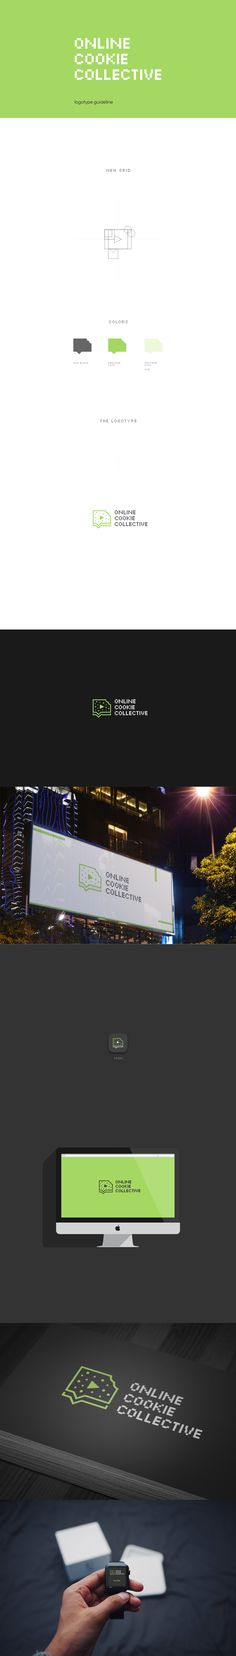 OCC - made by difiz.com